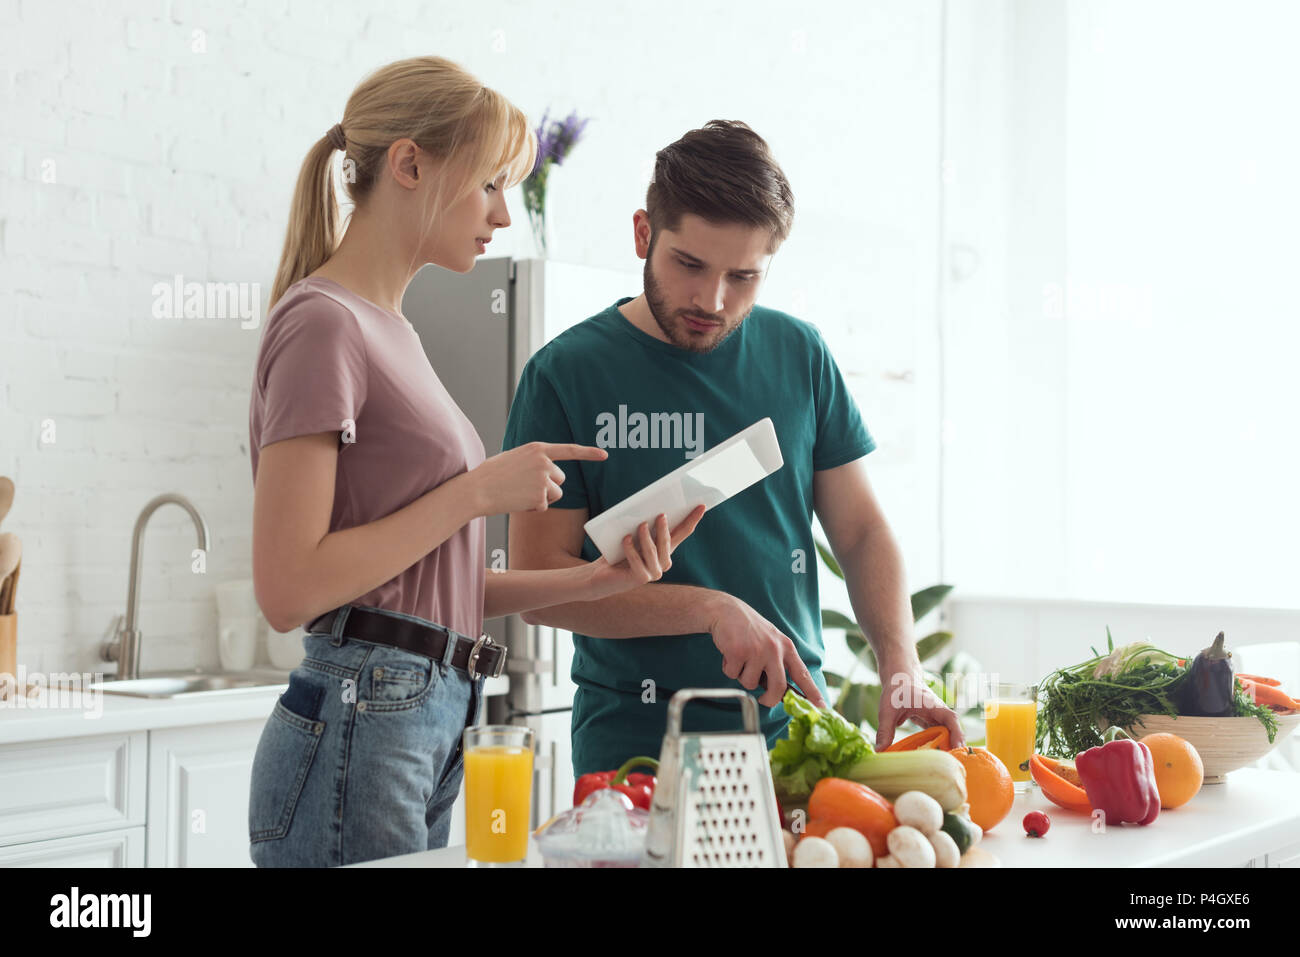 Freundin zeigen auf Tablet mit Rezept beim Kochen in der Küche, vegan Konzept Stockbild